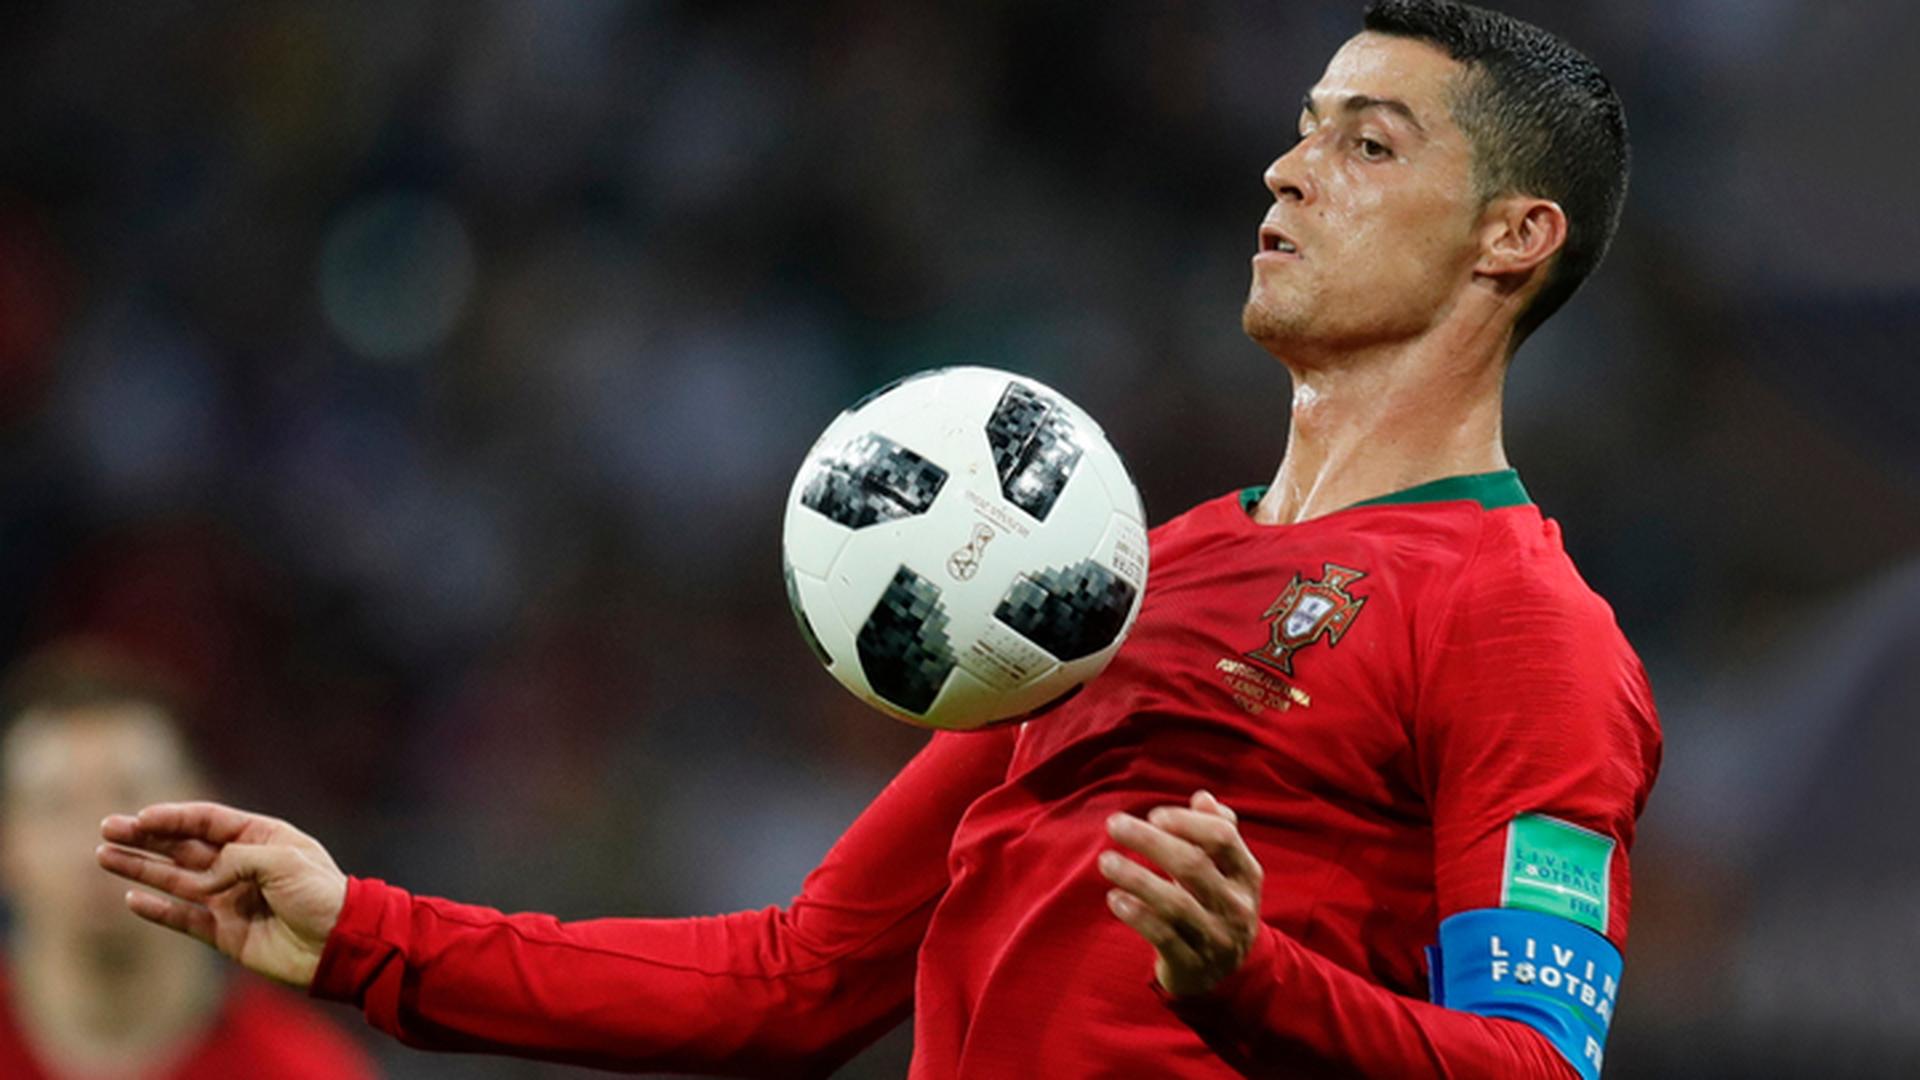 Португалец Роналду начнет игру с Уругваем в стартовом составе